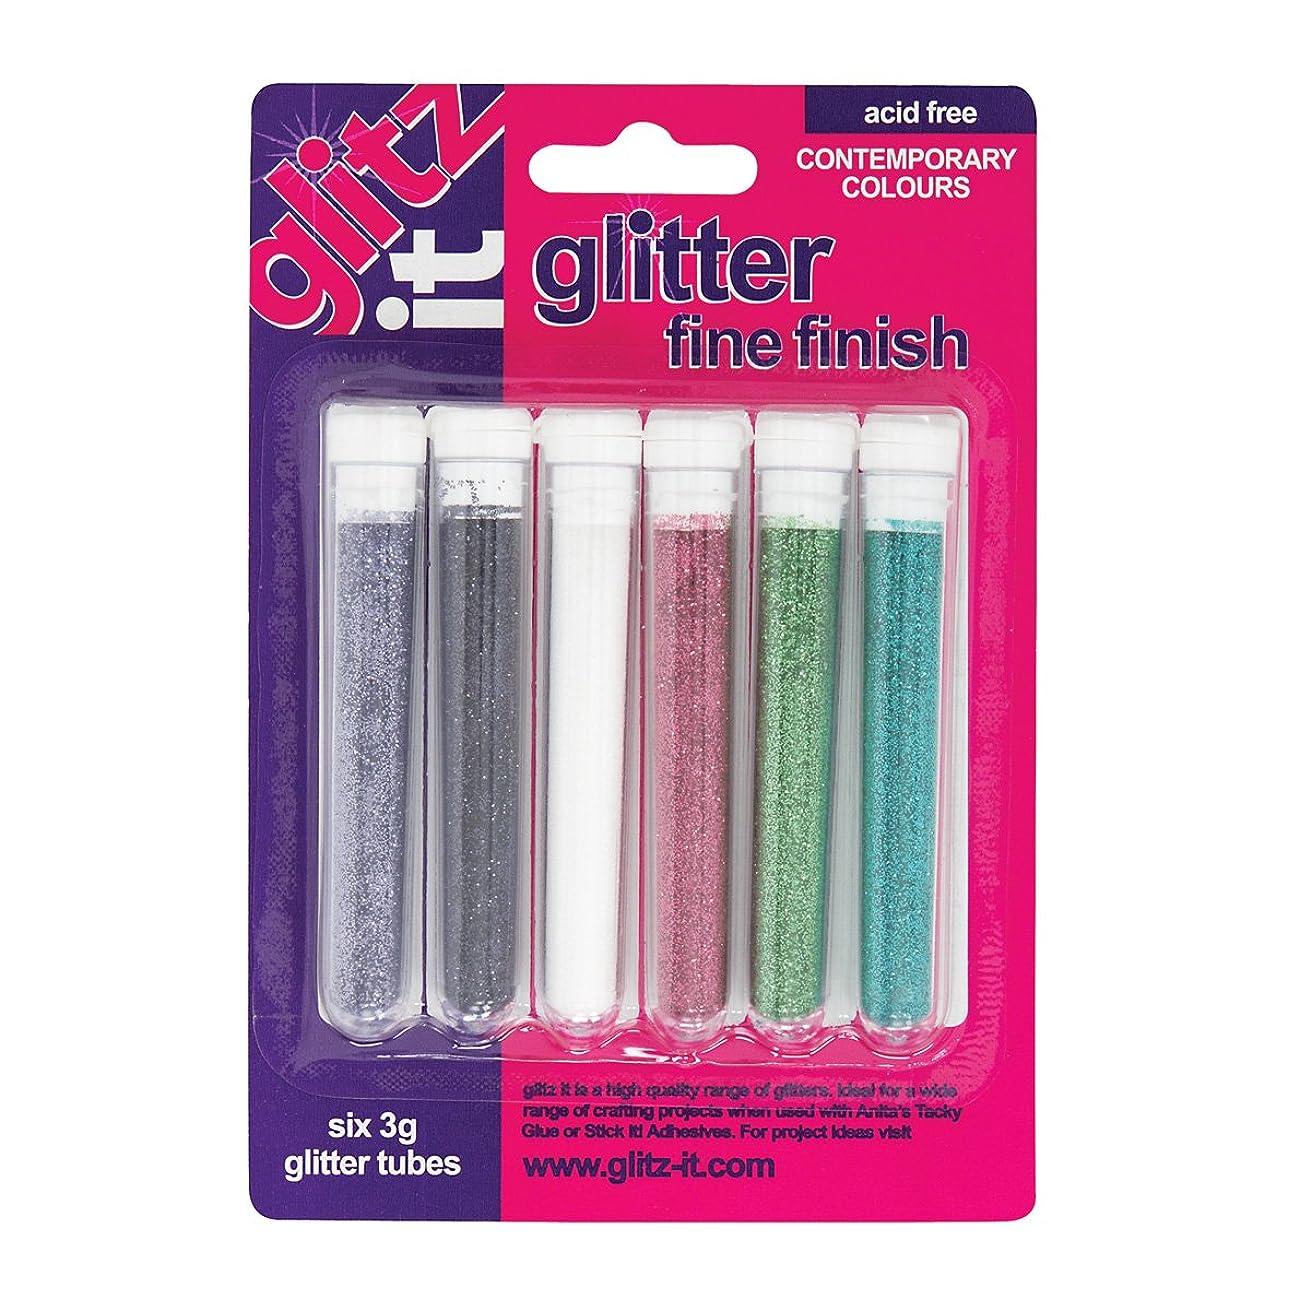 Glitz It 3 g Fine Contemporary Finish Glitter Tube, Pack of 6, Multi-Colour